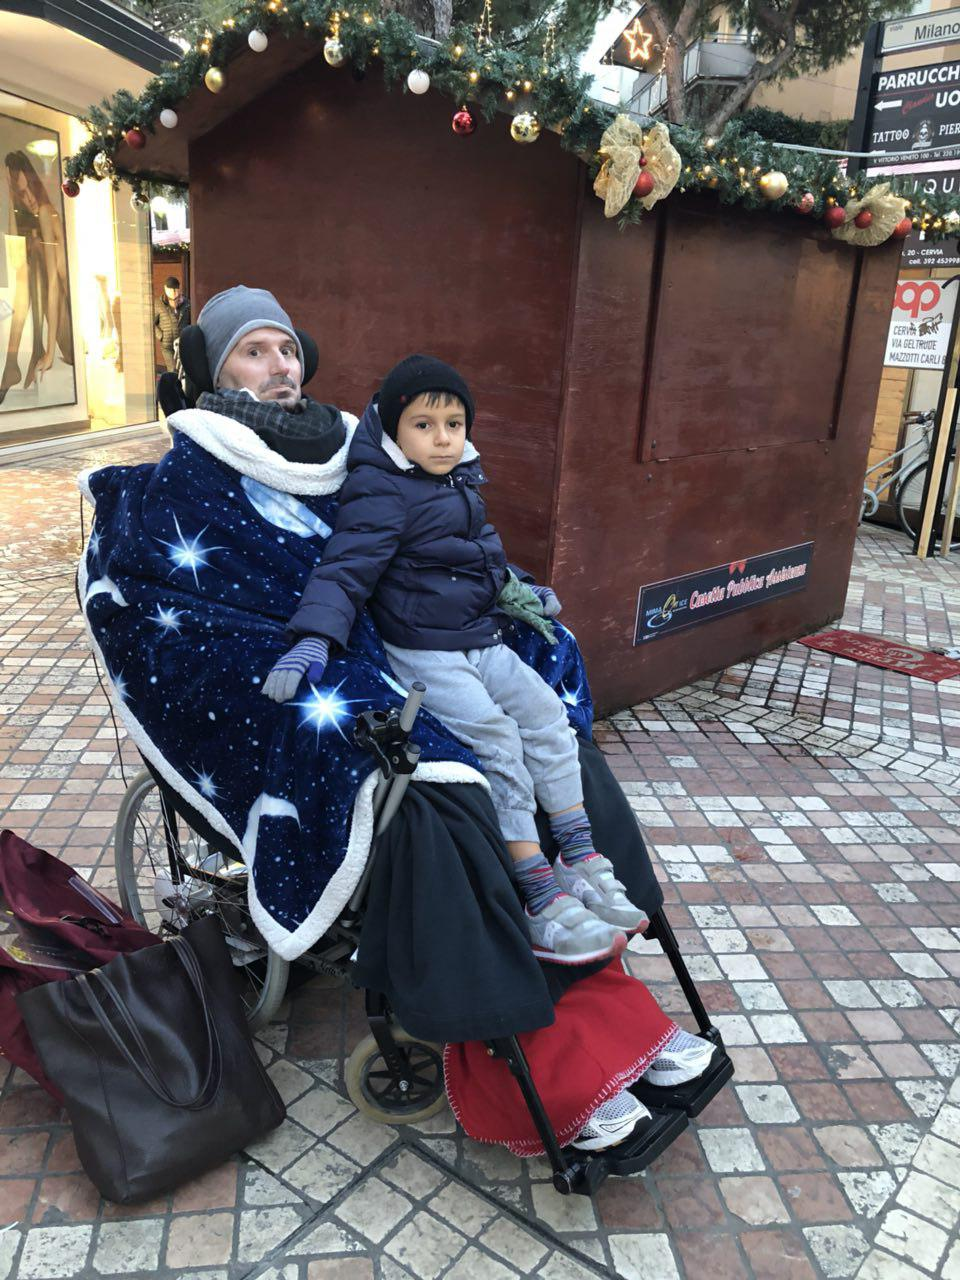 Fabio e Kekko casette di Natale.jpg